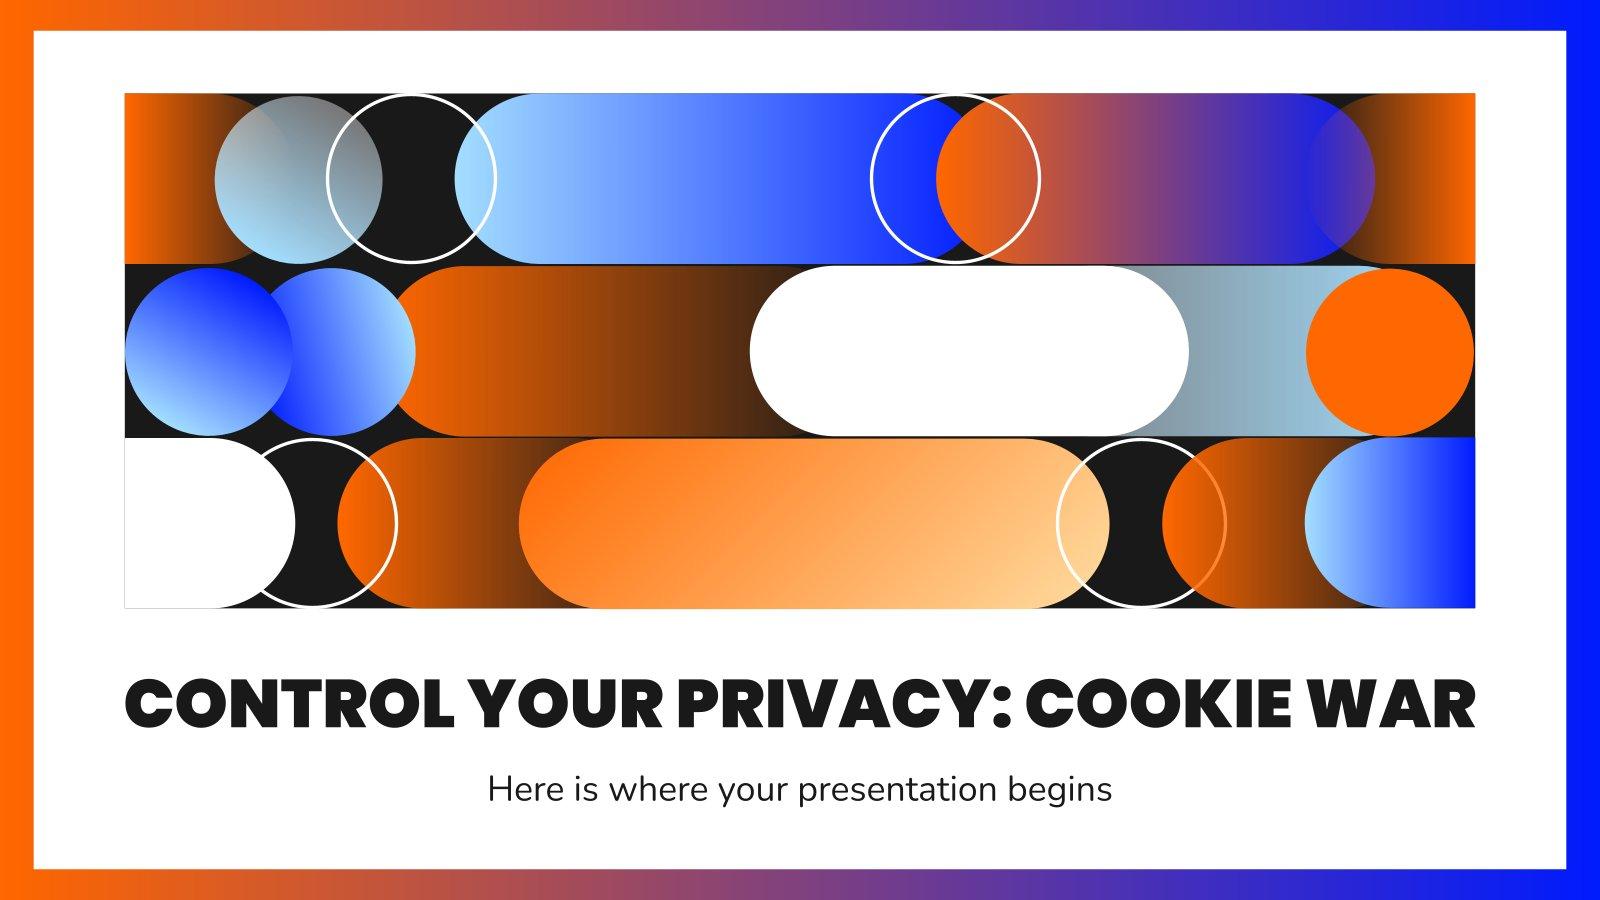 Kontrolliere deine Privatsphäre: Cookie Krieg Präsentationsvorlage